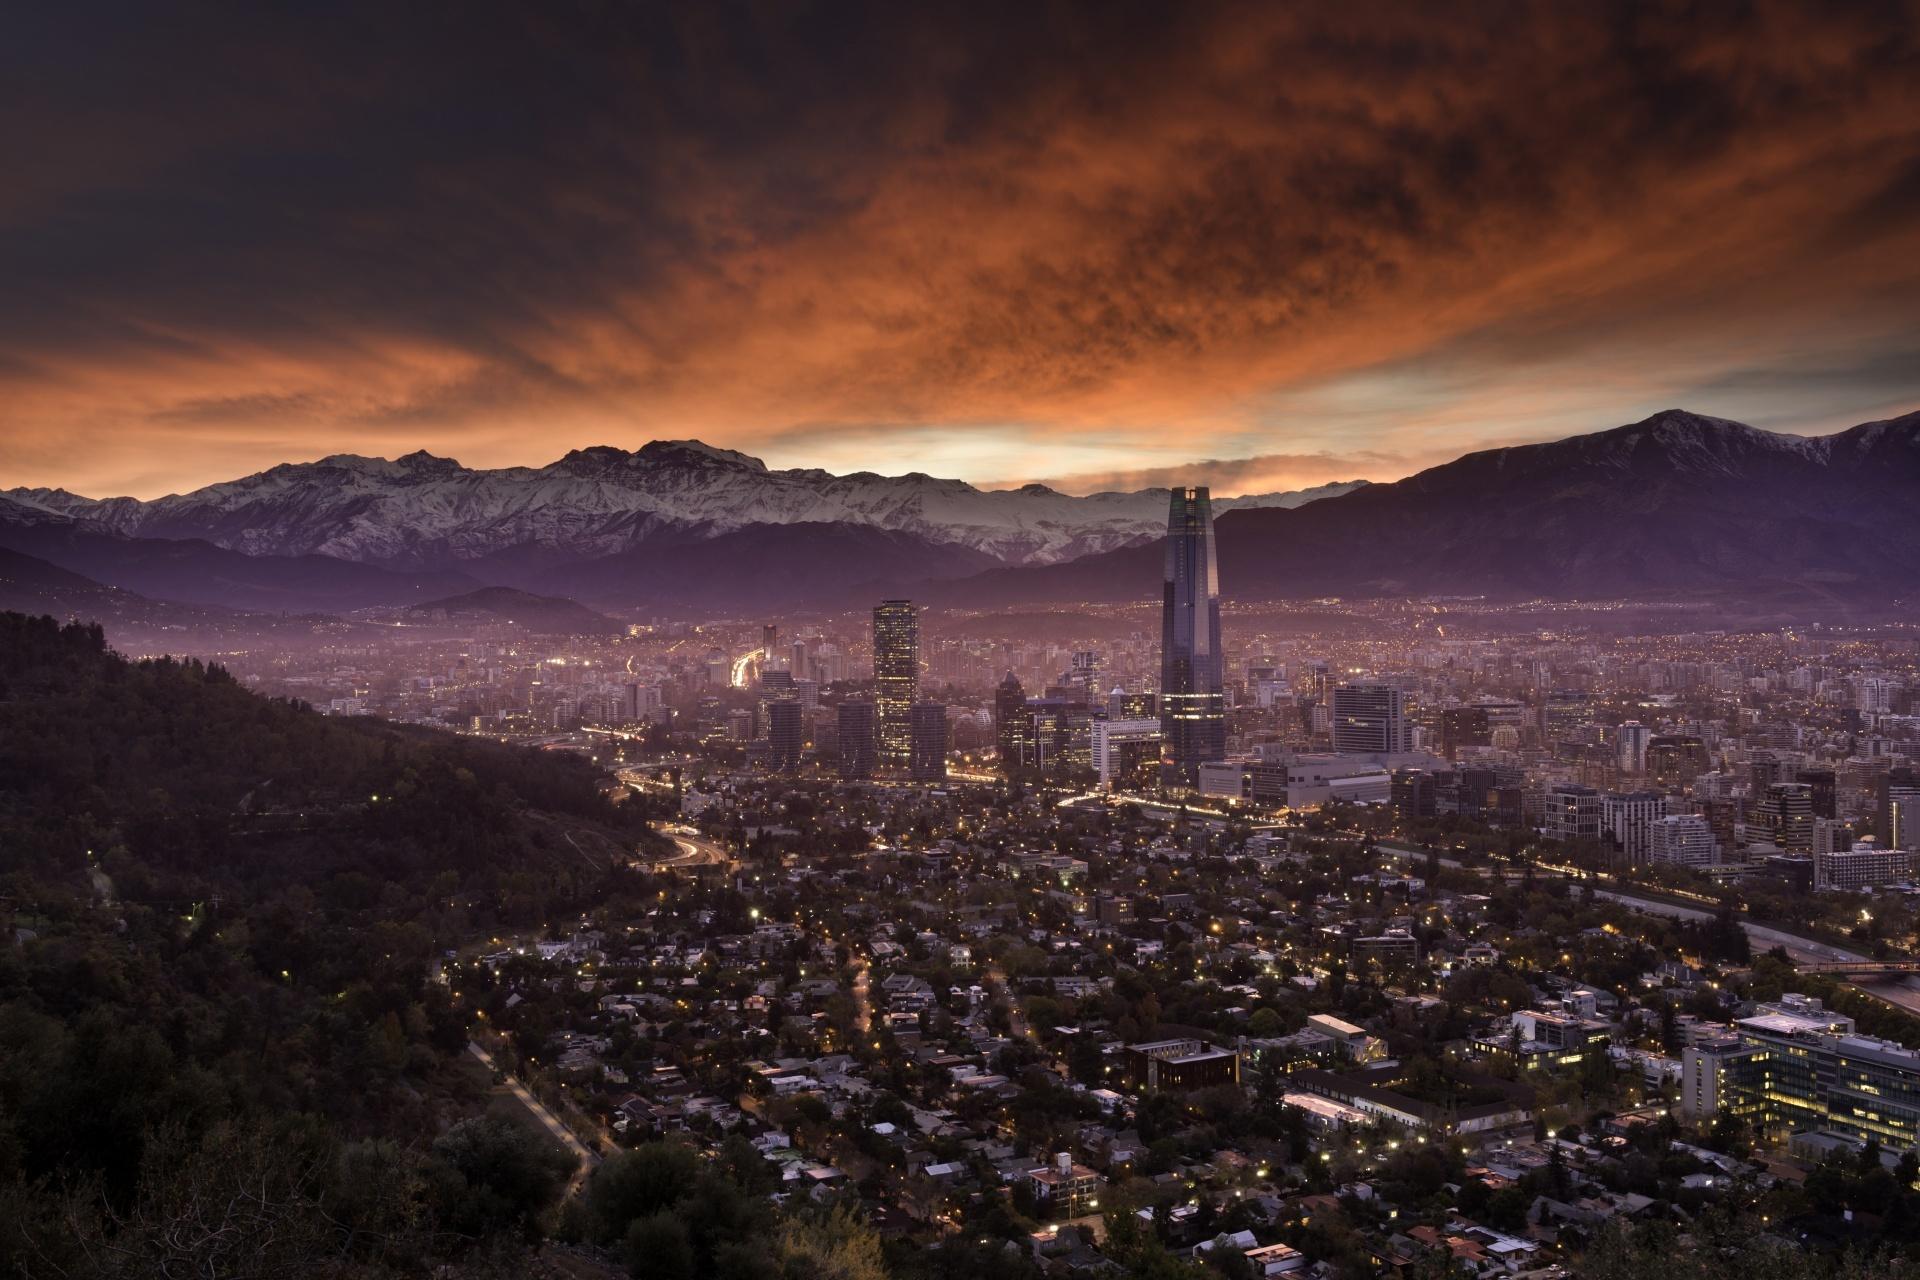 サン・クリストバルの丘から見るアンデス山脈とサンティアゴの町並み チリの風景